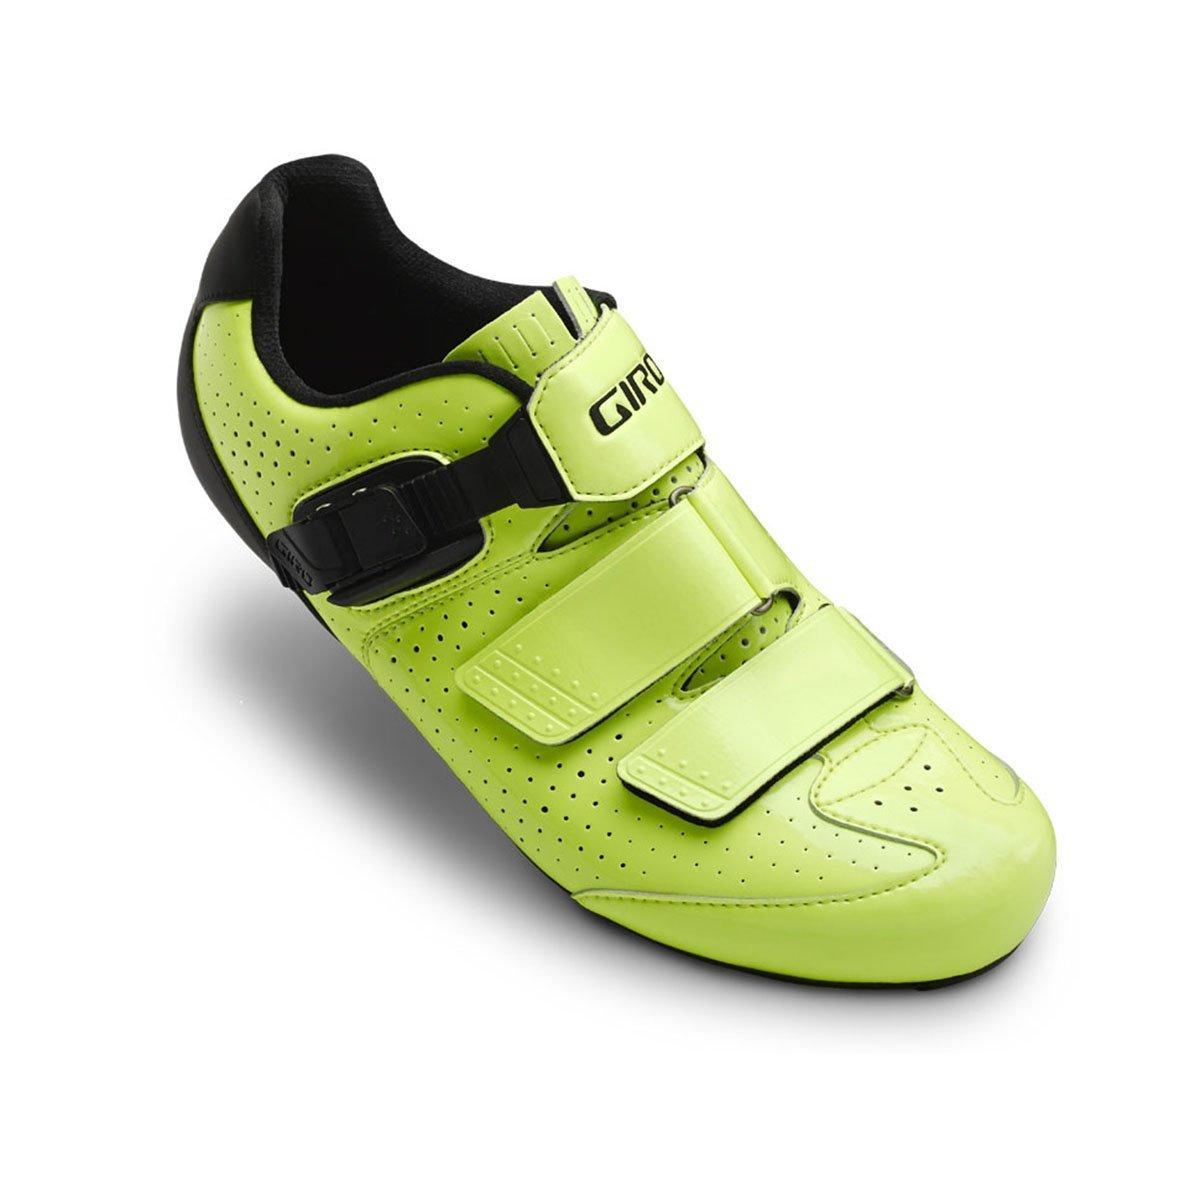 Giro Trans E70 Road Cycling Shoes B00NDIF8QC 42.5|Highlight Yellow/Black